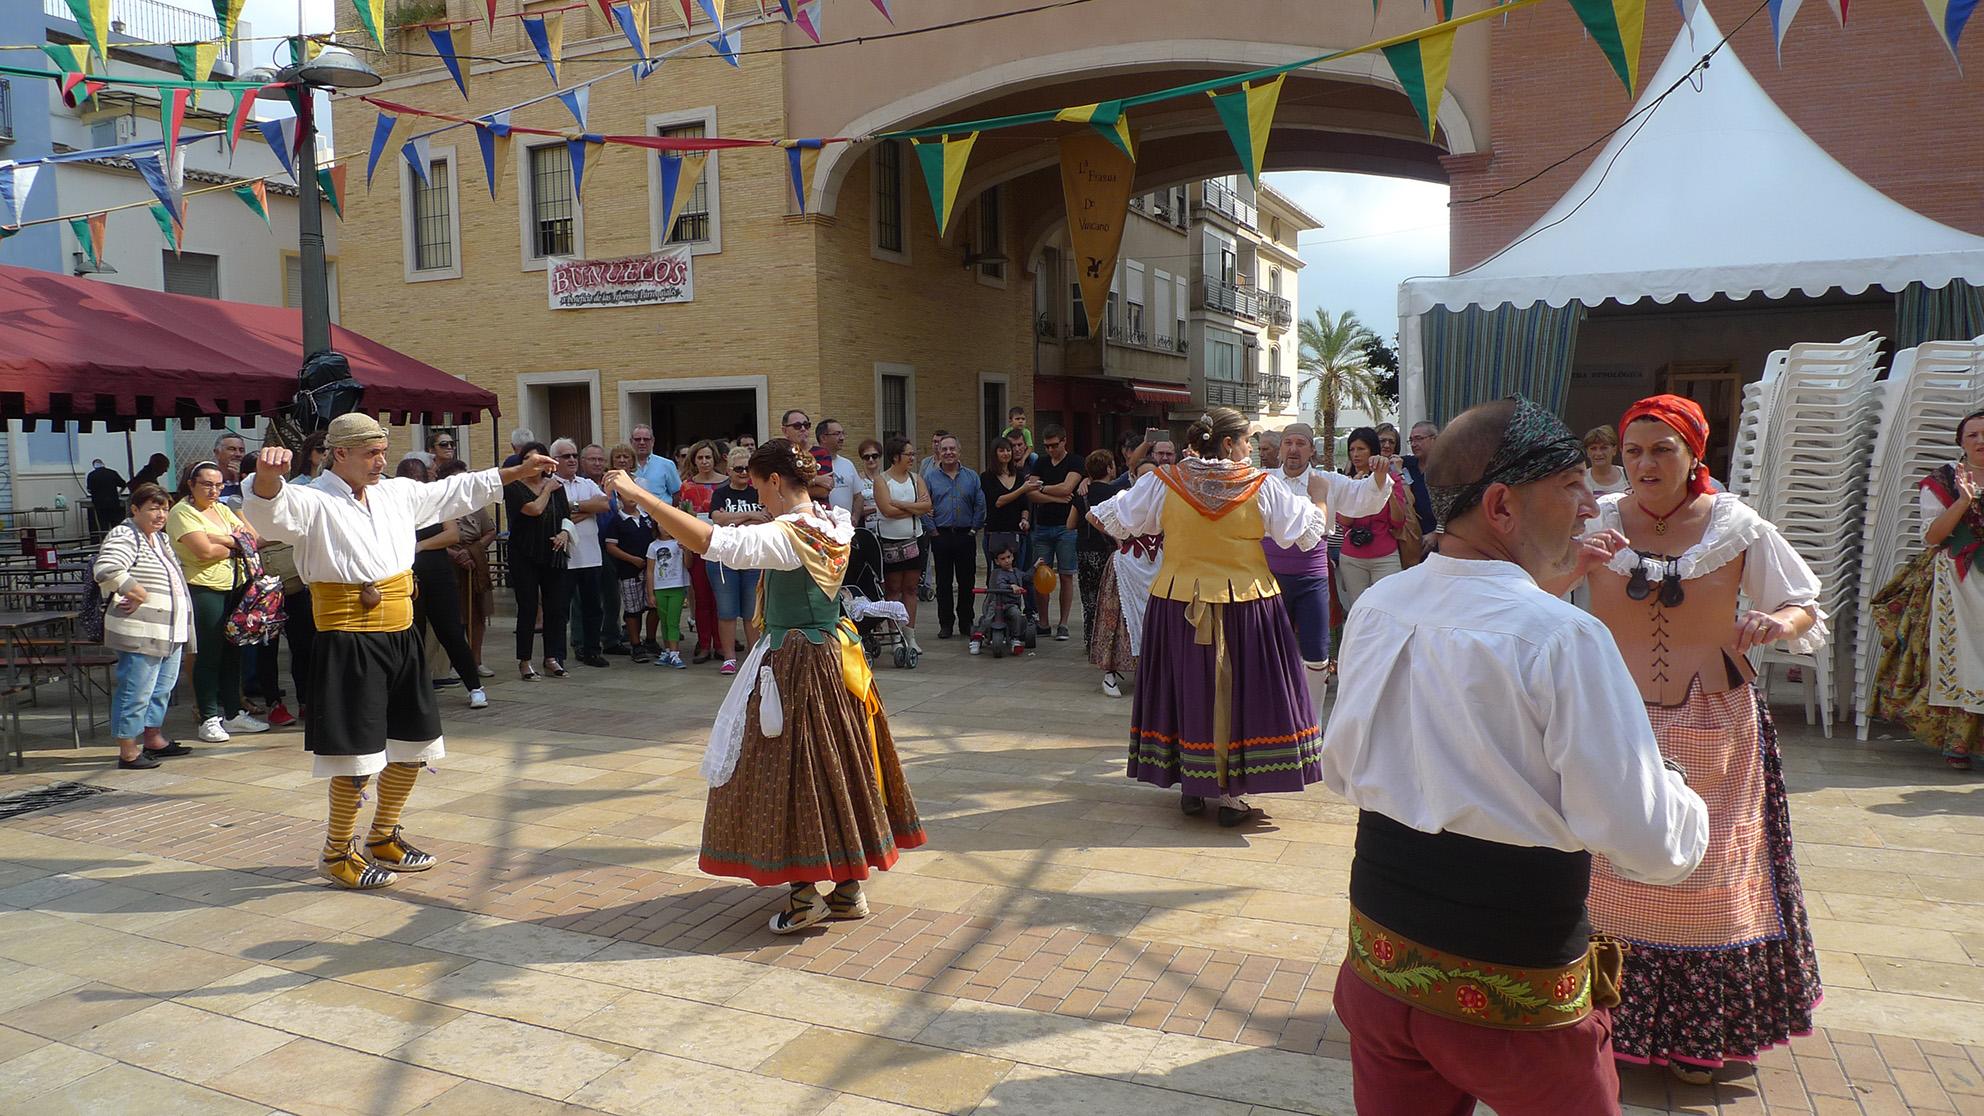 2014-10-5 Baladre a la Fira de Gandia (61)